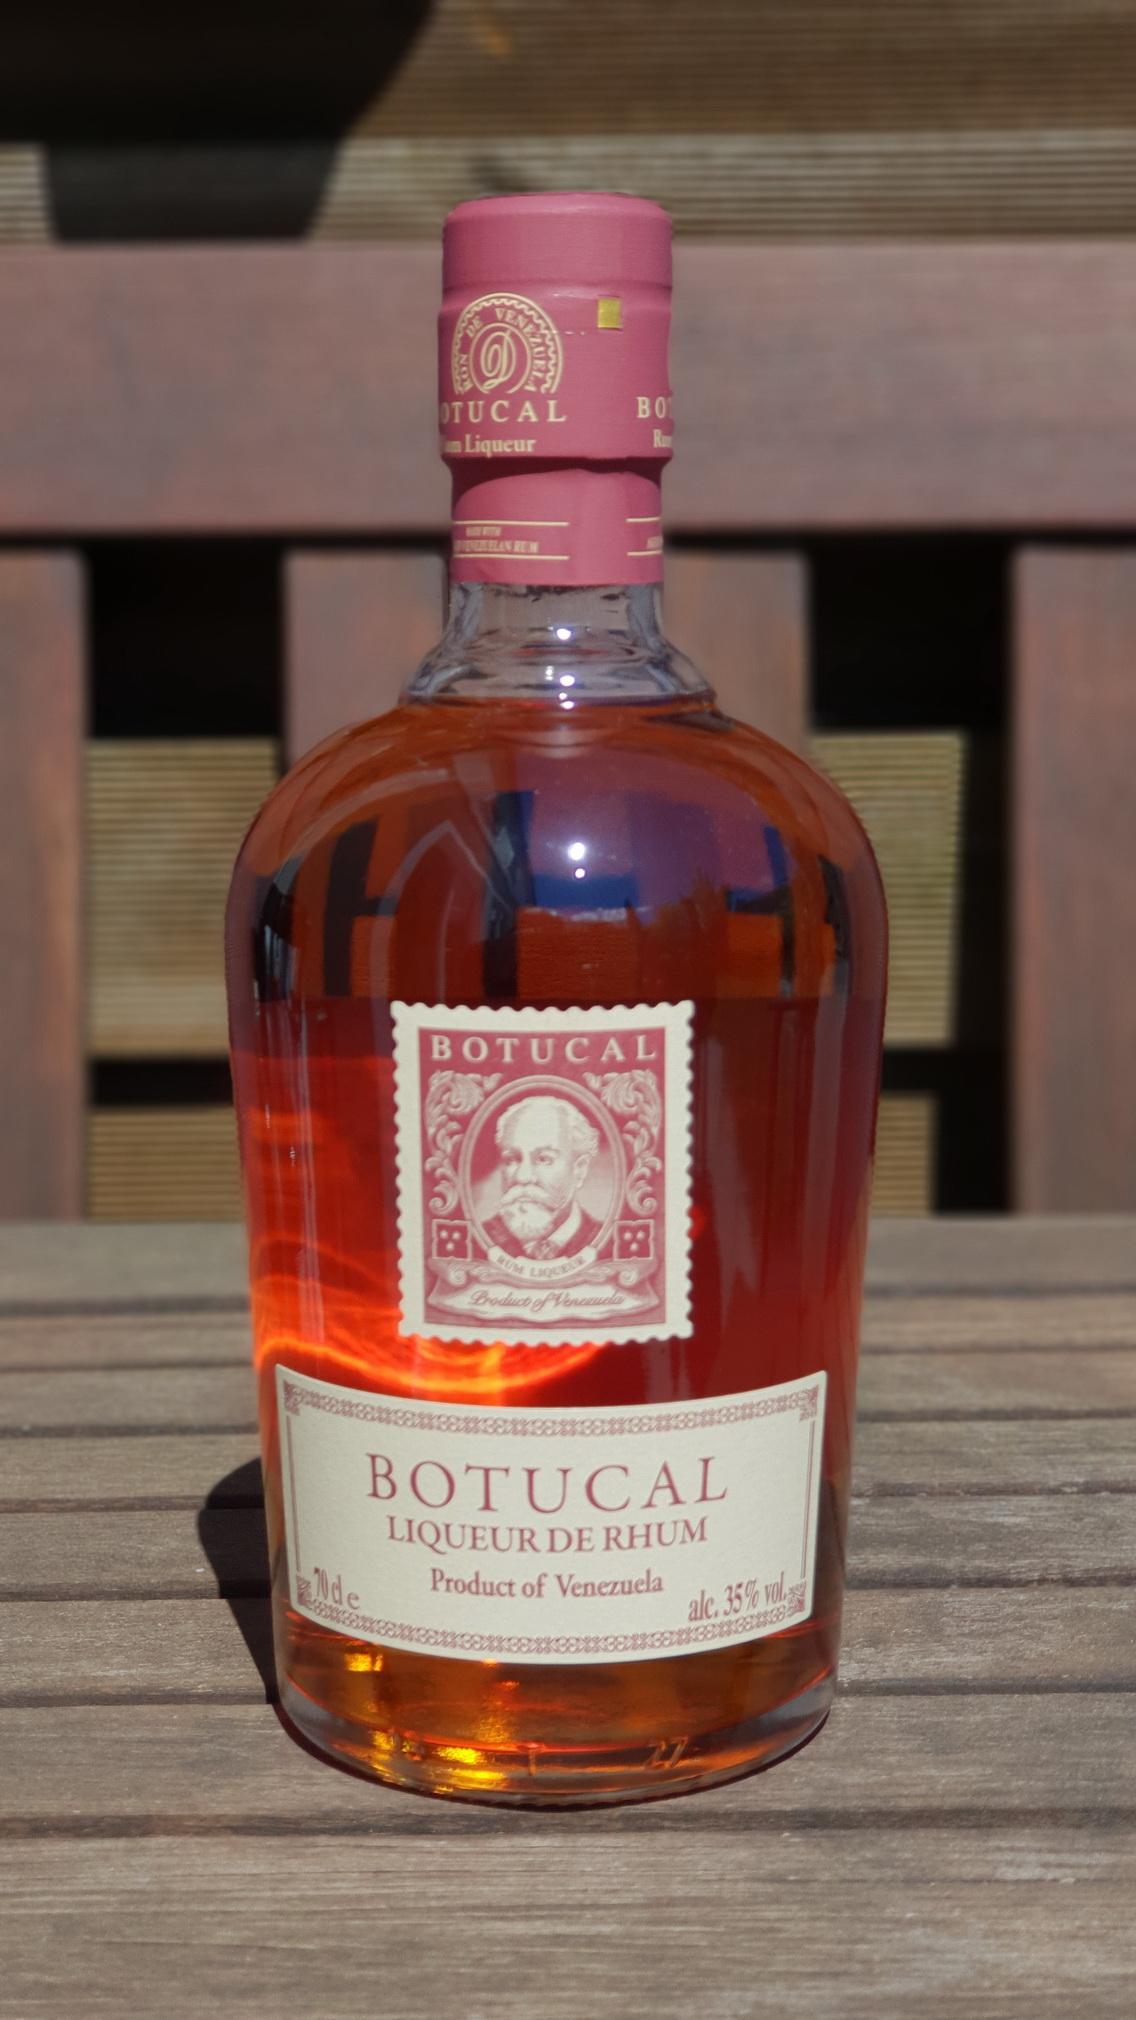 Rum Likör - wird seit Herbst 2017 nicht mehr hergestellt.